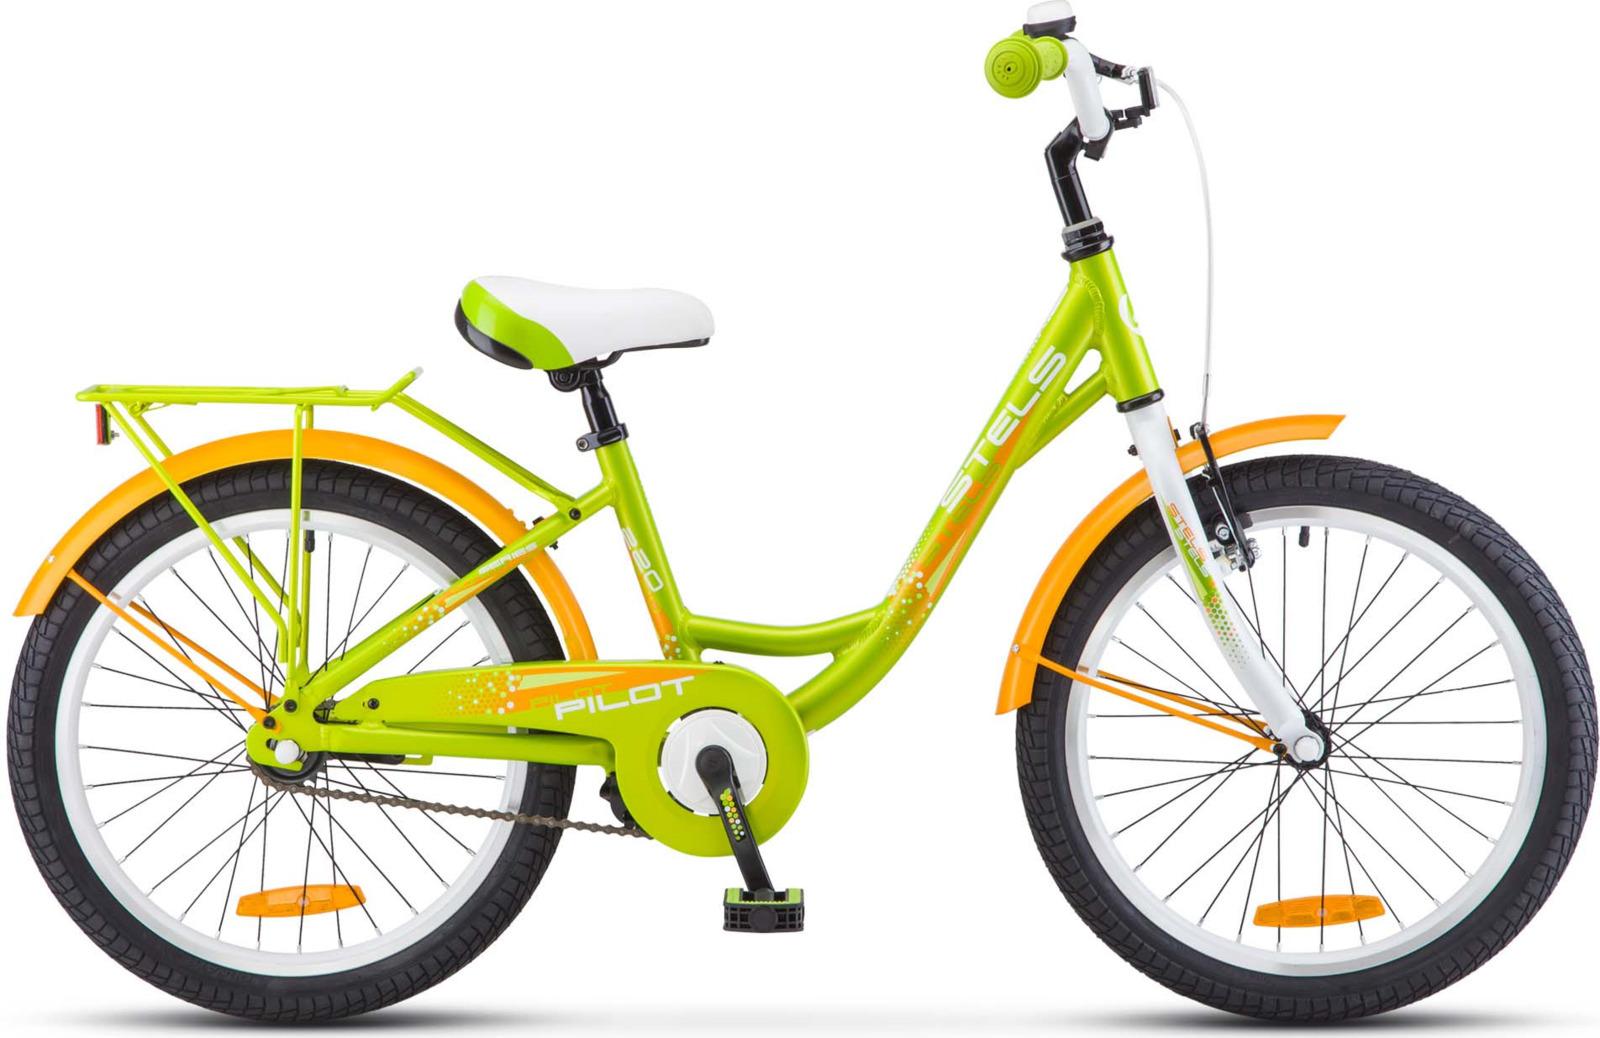 цена на Велосипед Stels Pilot-220 Lady 20 12, KUBC0045312017, зеленый